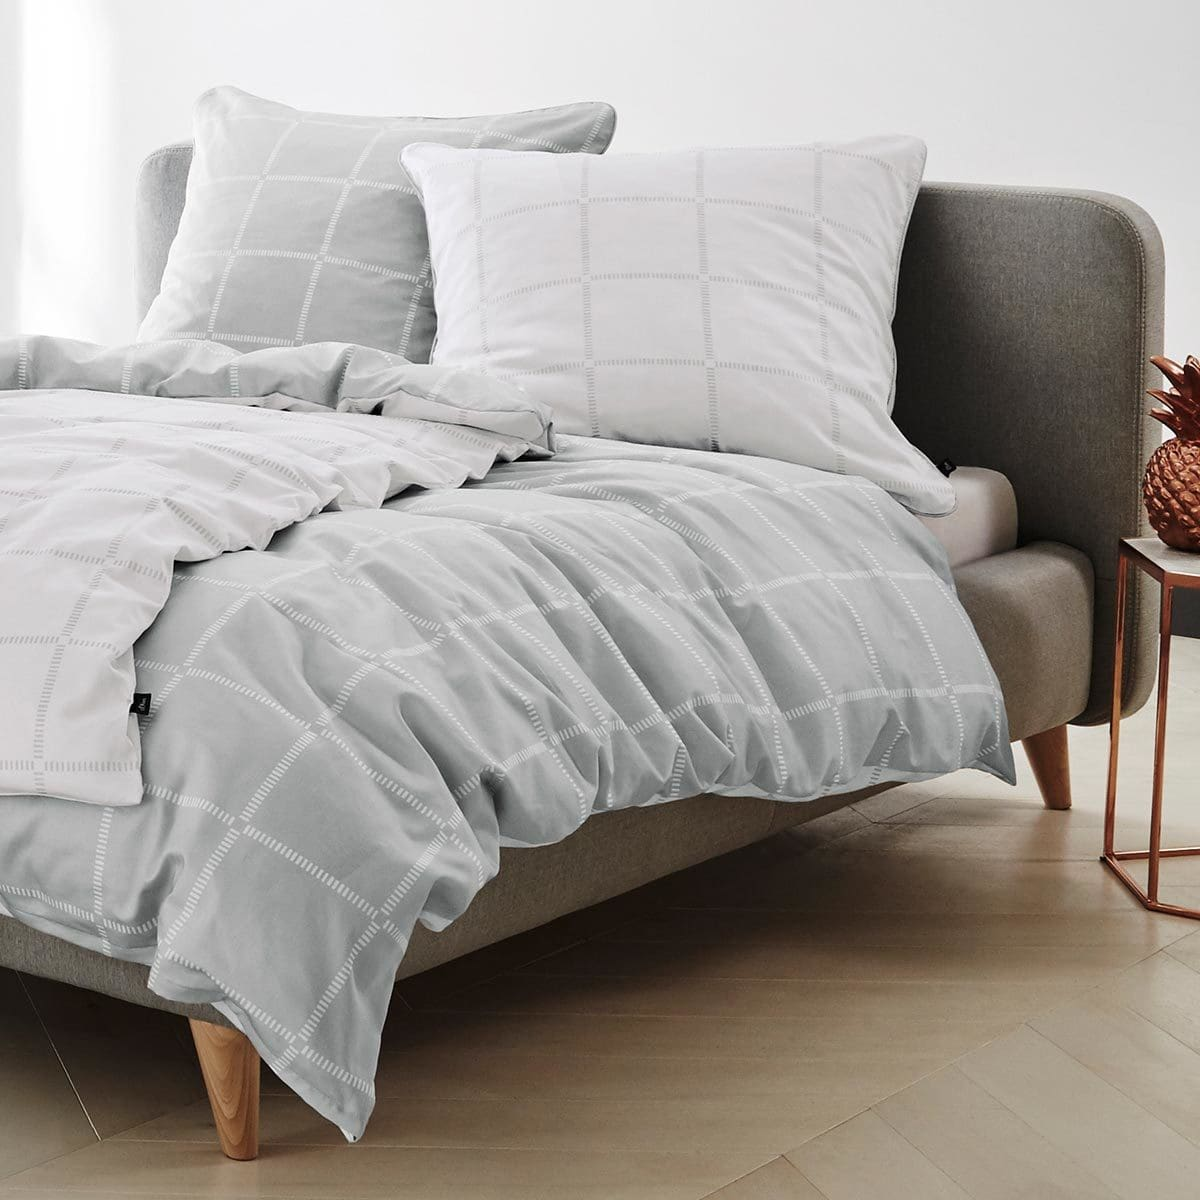 s oliver mako satin wendebettw sche black label silber. Black Bedroom Furniture Sets. Home Design Ideas